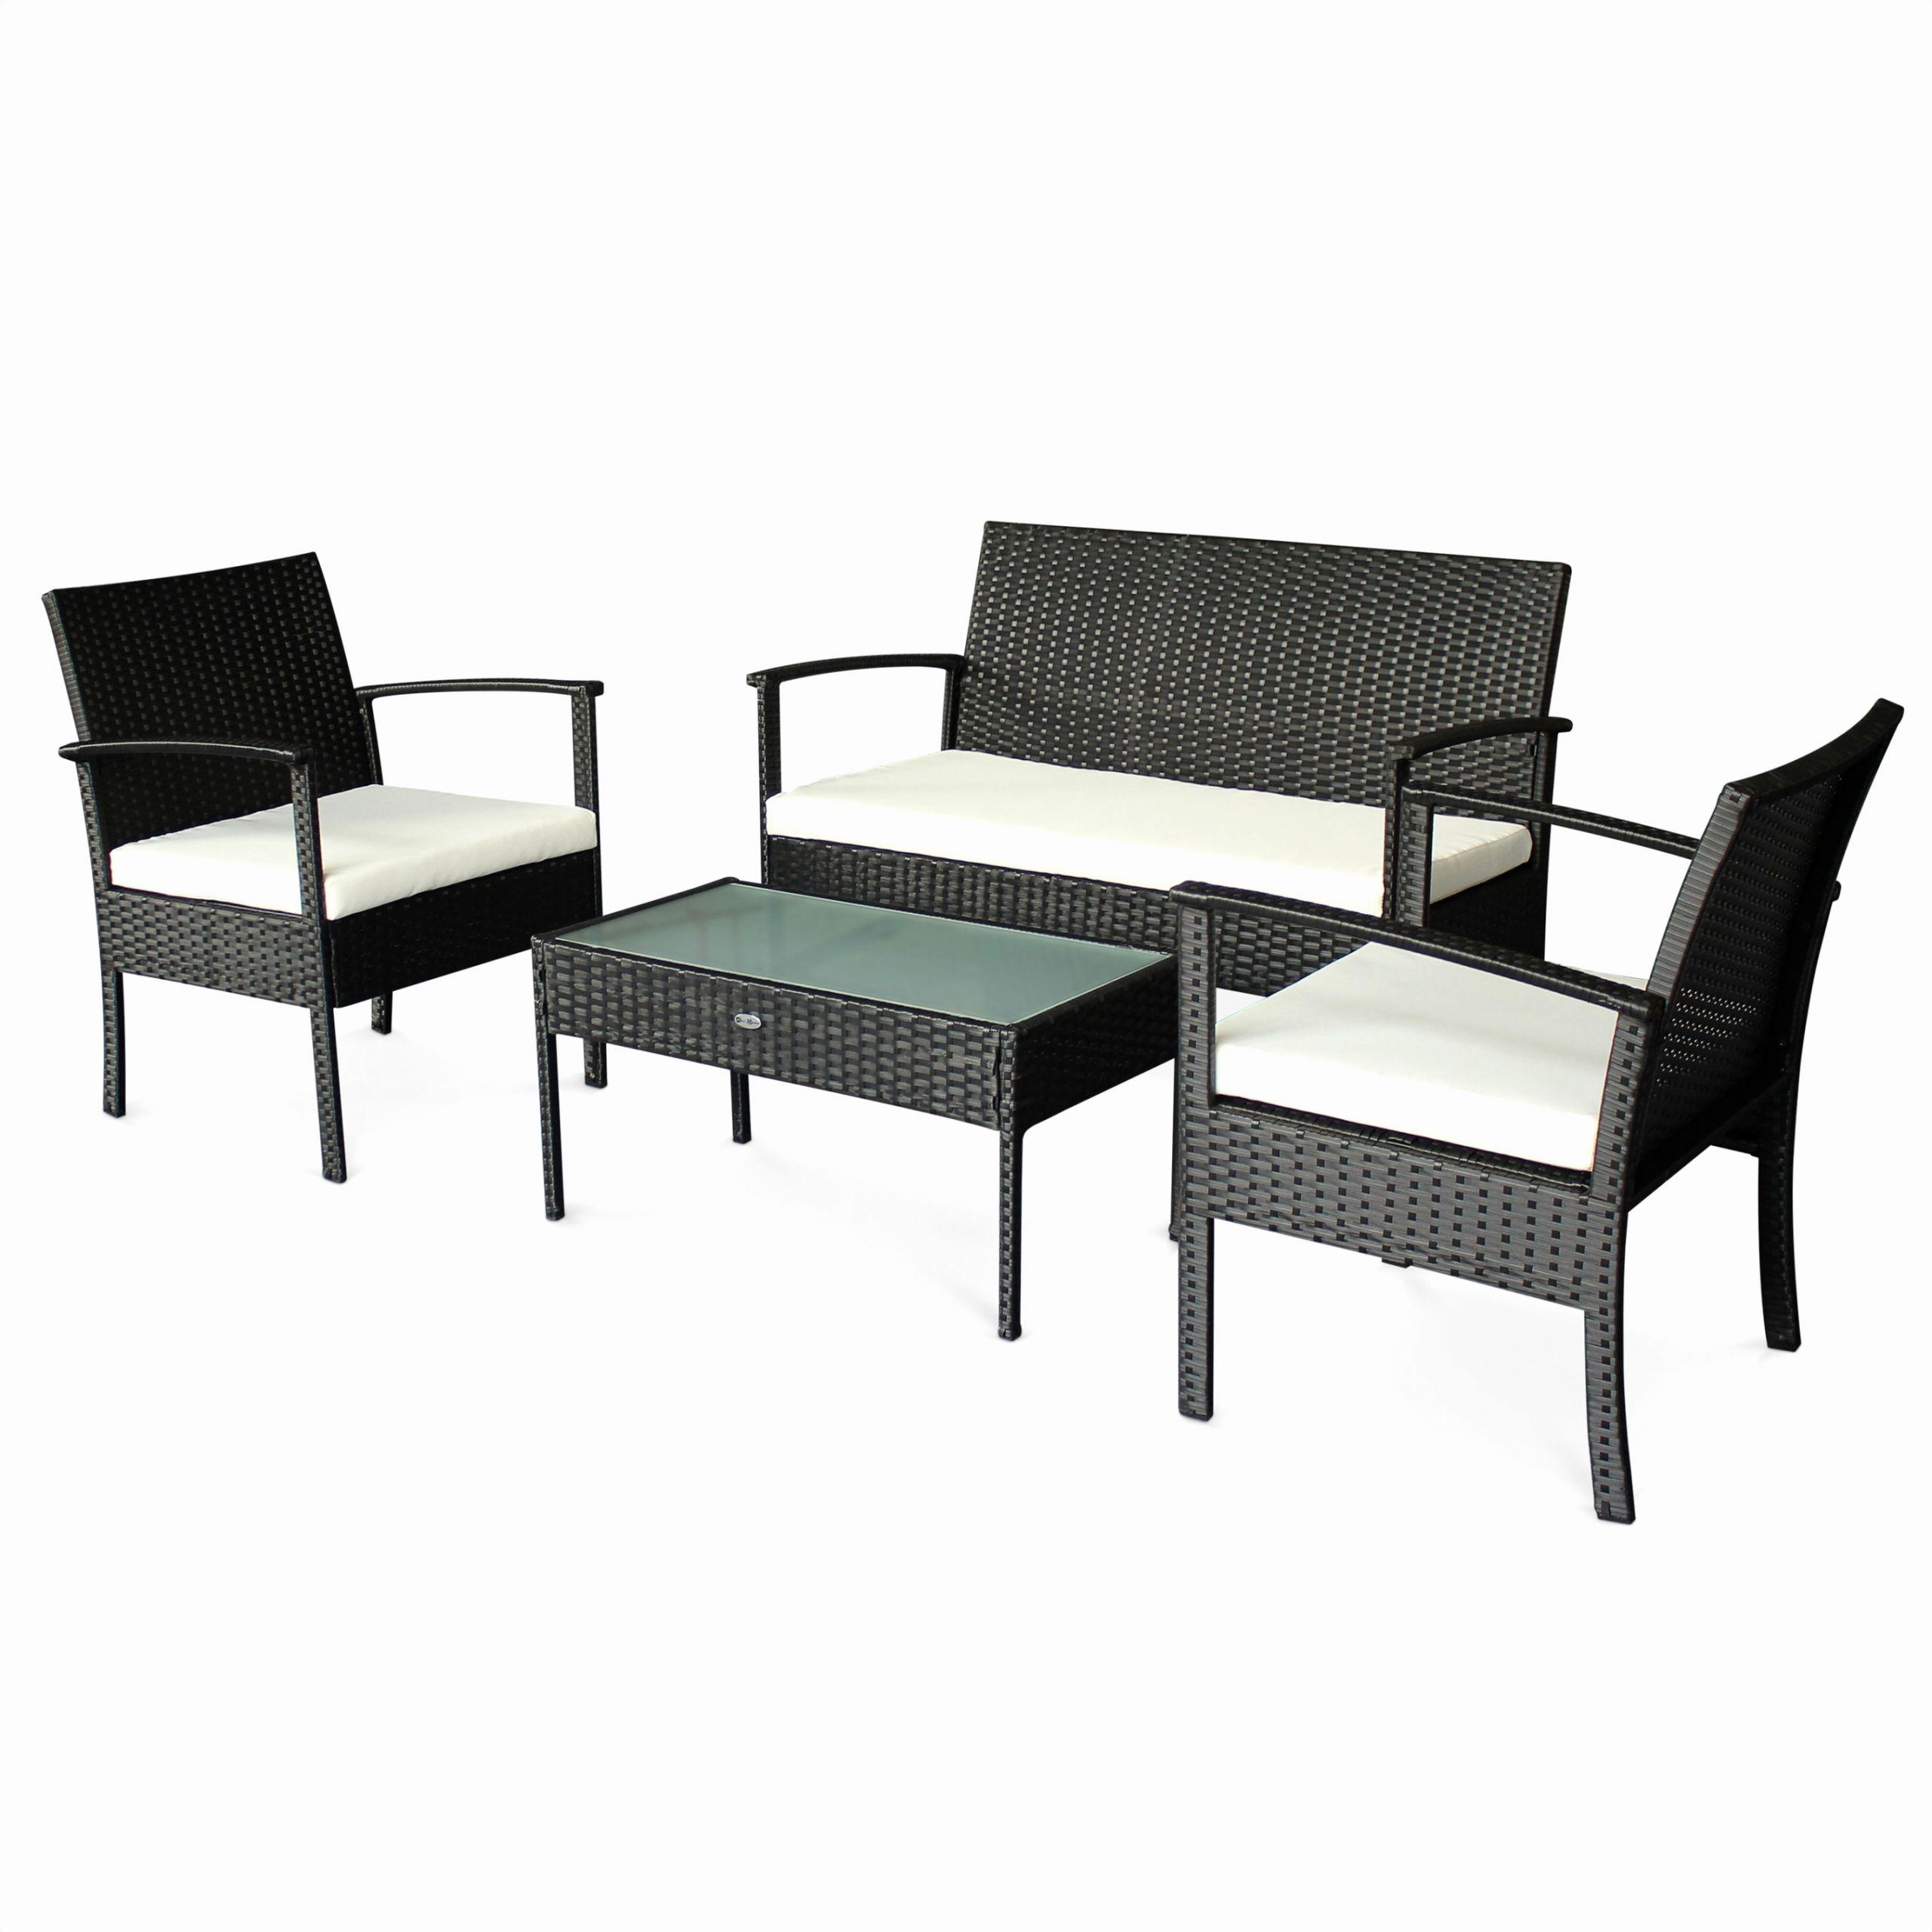 chaise de jardin truffaut nouveau table jardin blanche mikea galerie of chaise de jardin truffaut